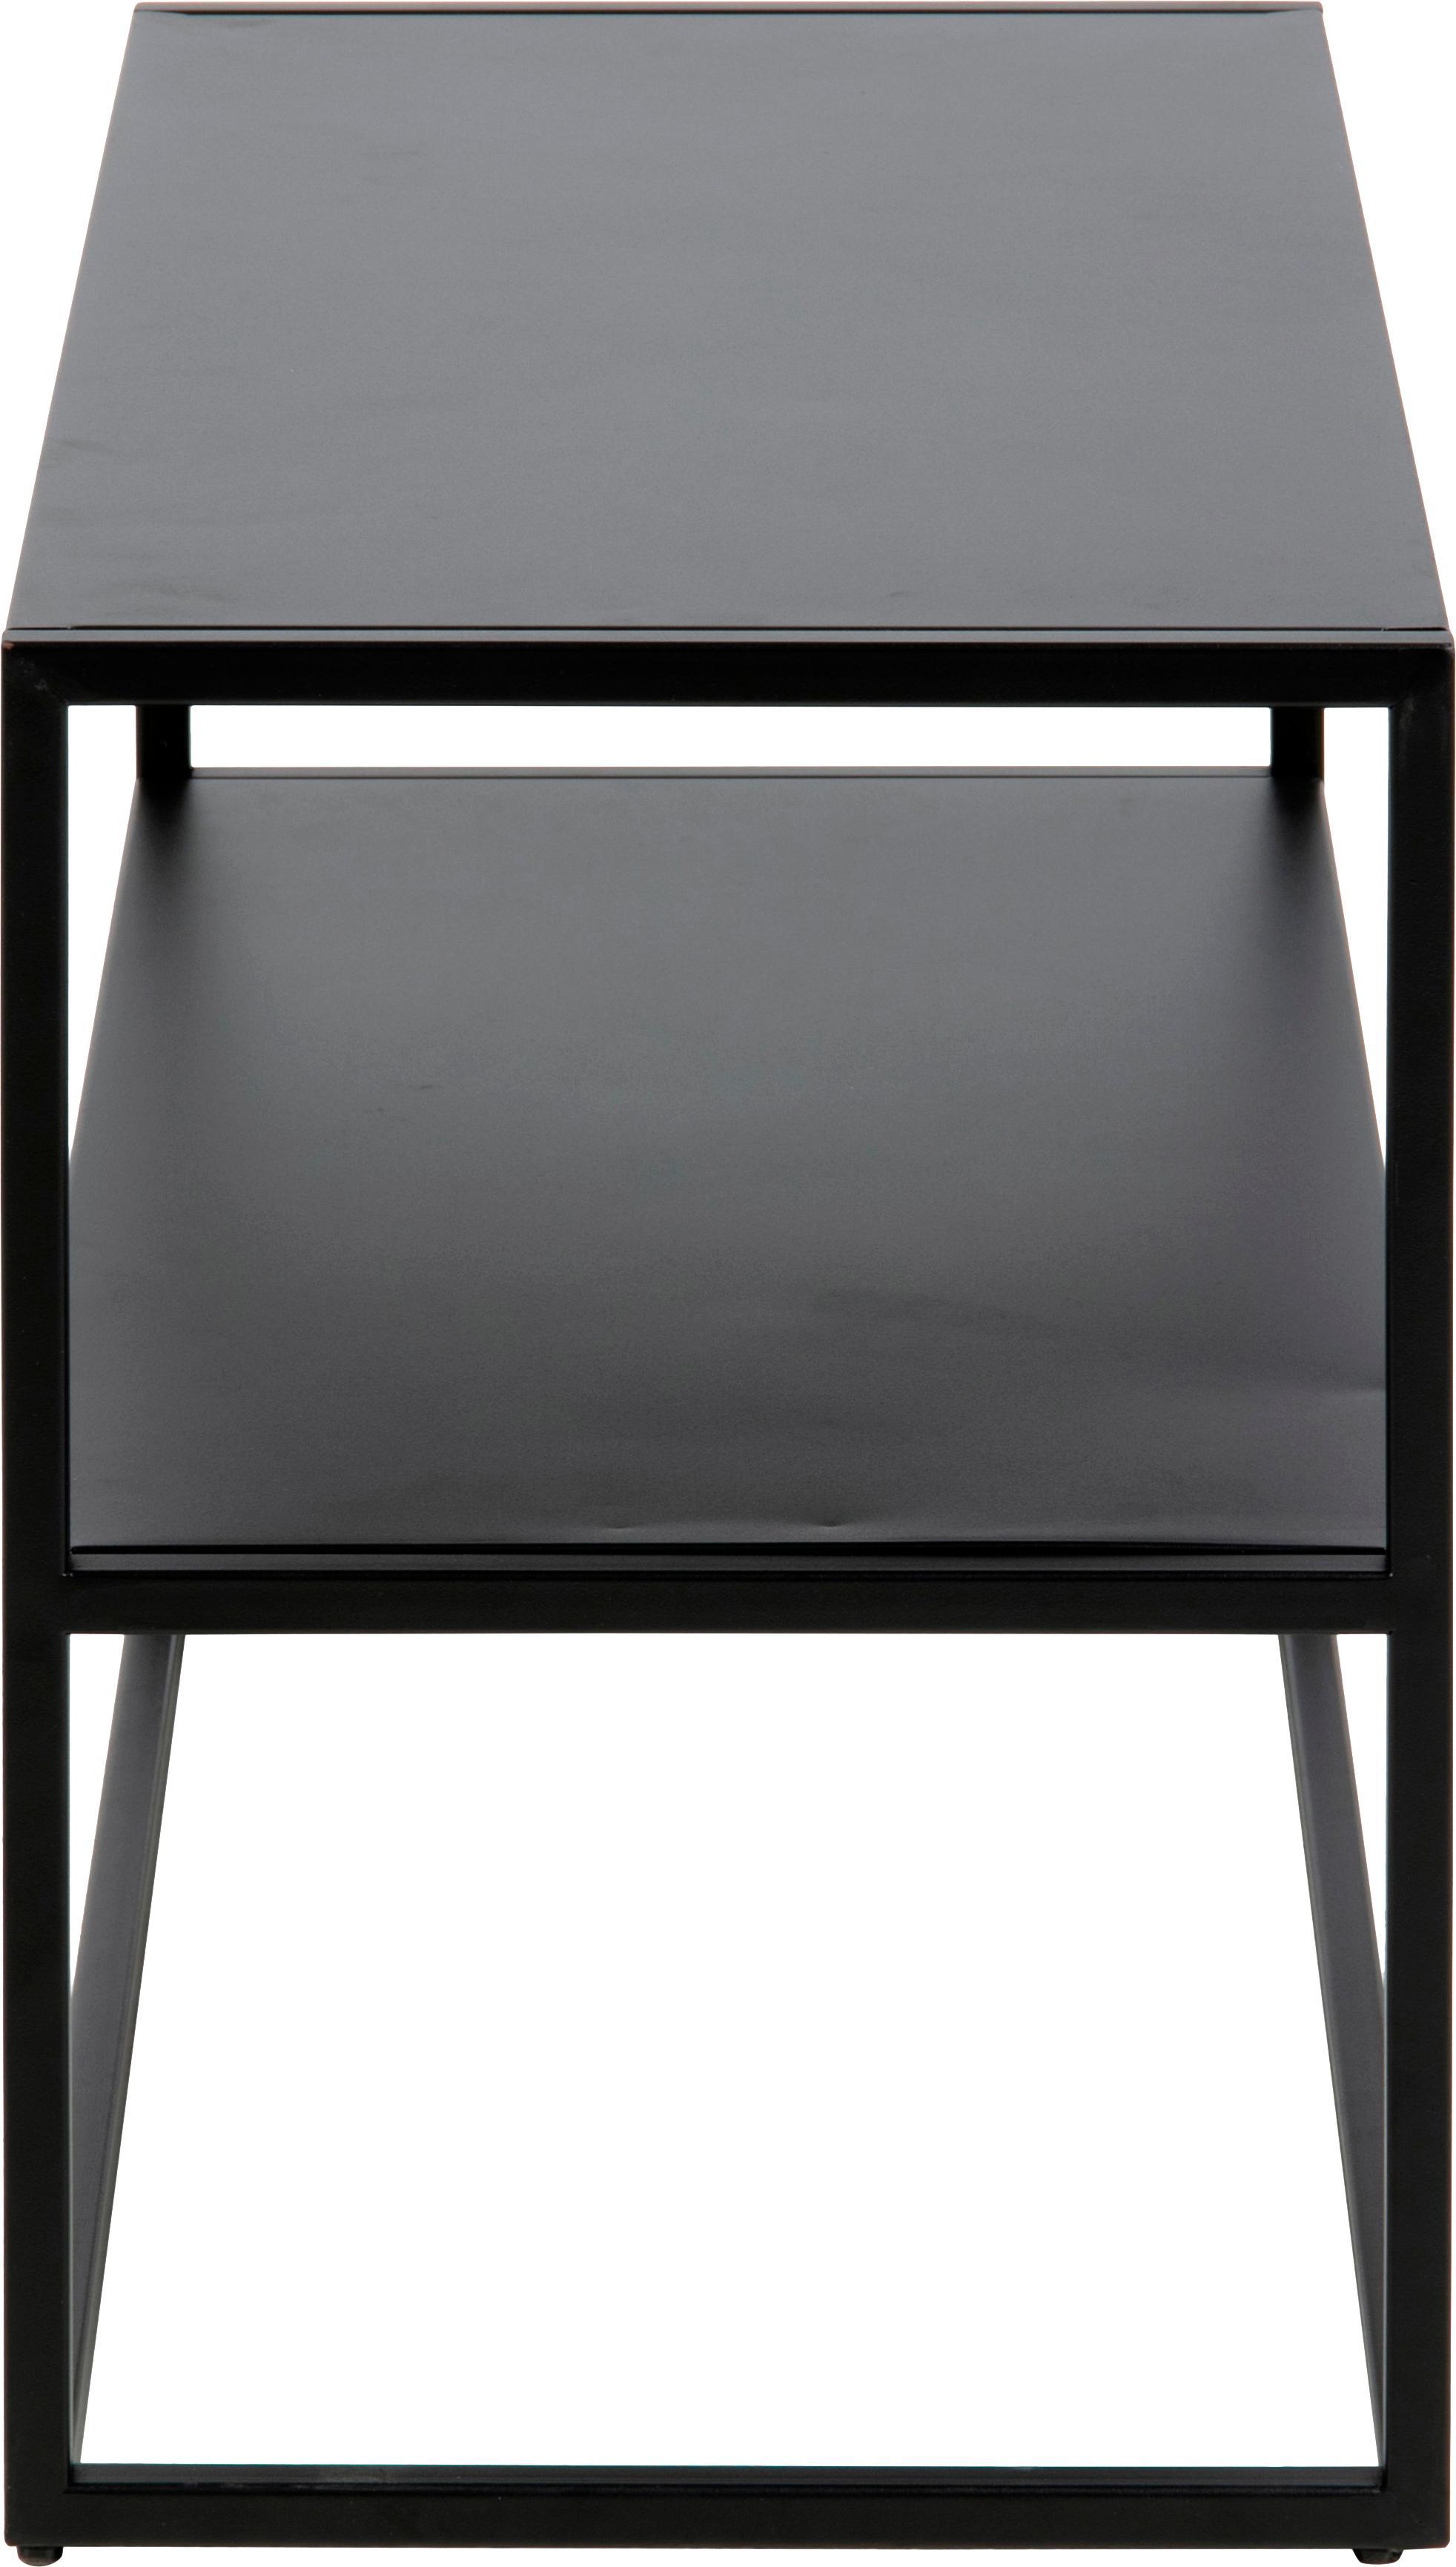 Metall-Schuhregal Newton mit 2 Ablageflächen, Metall, pulverbeschichtet, Schwarz, 70 x 45 cm